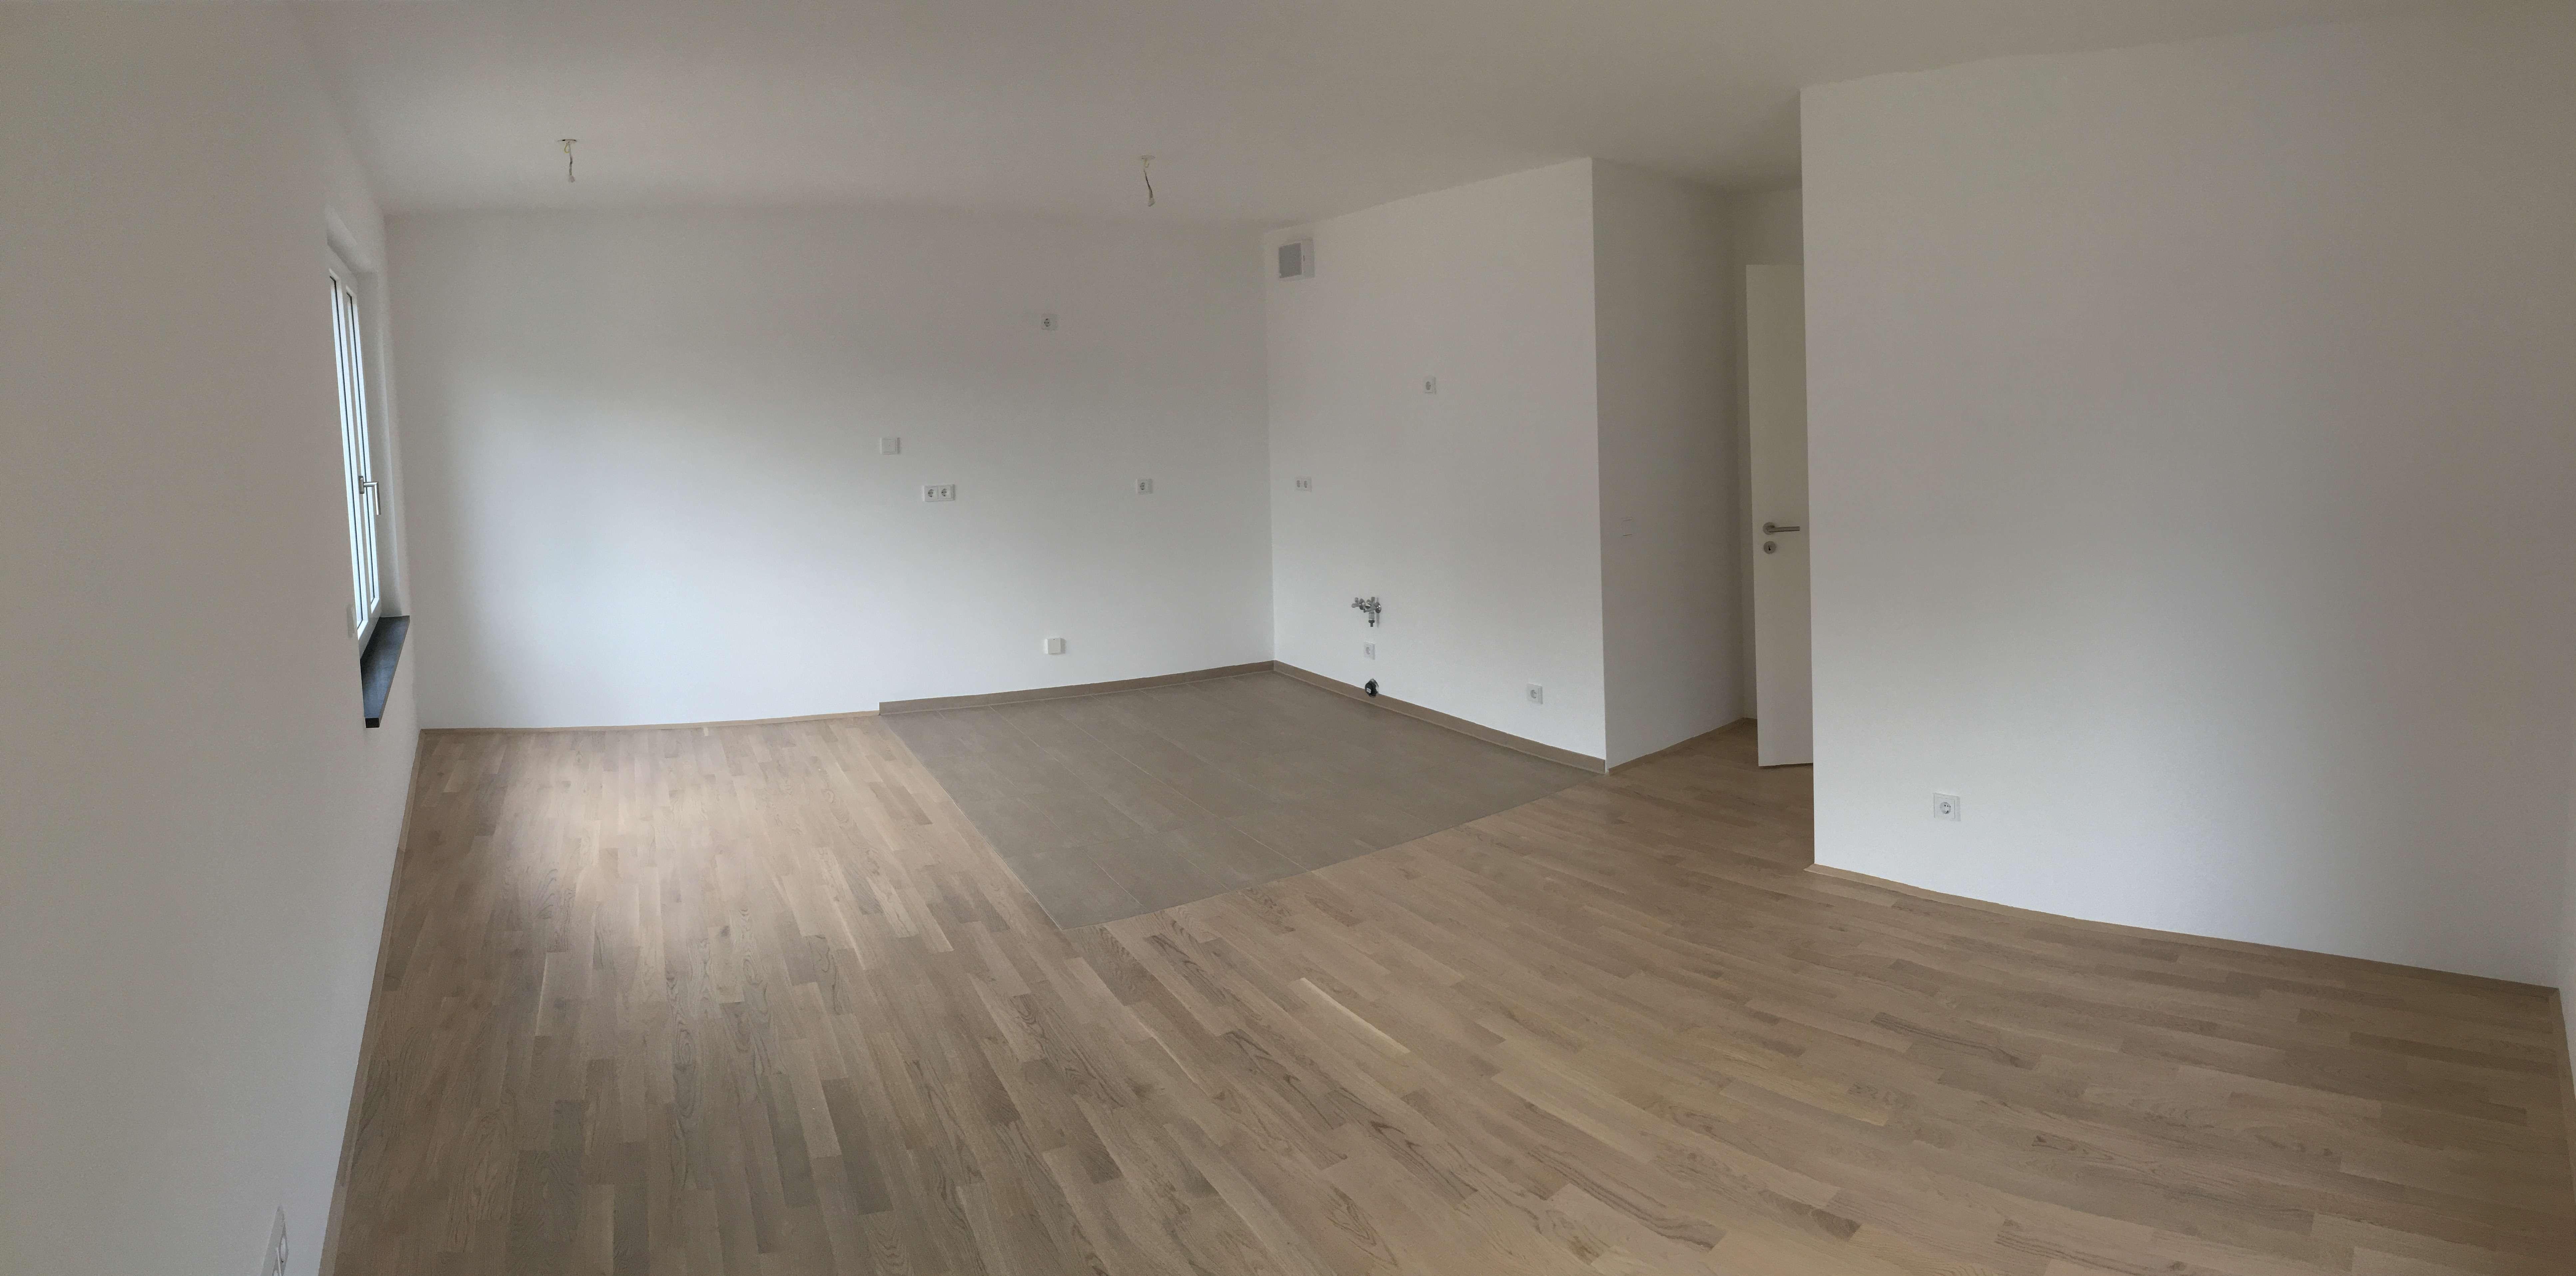 Erstbezug: schöne 4-Zimmer-Wohnung mit Balkon in Aubing, München